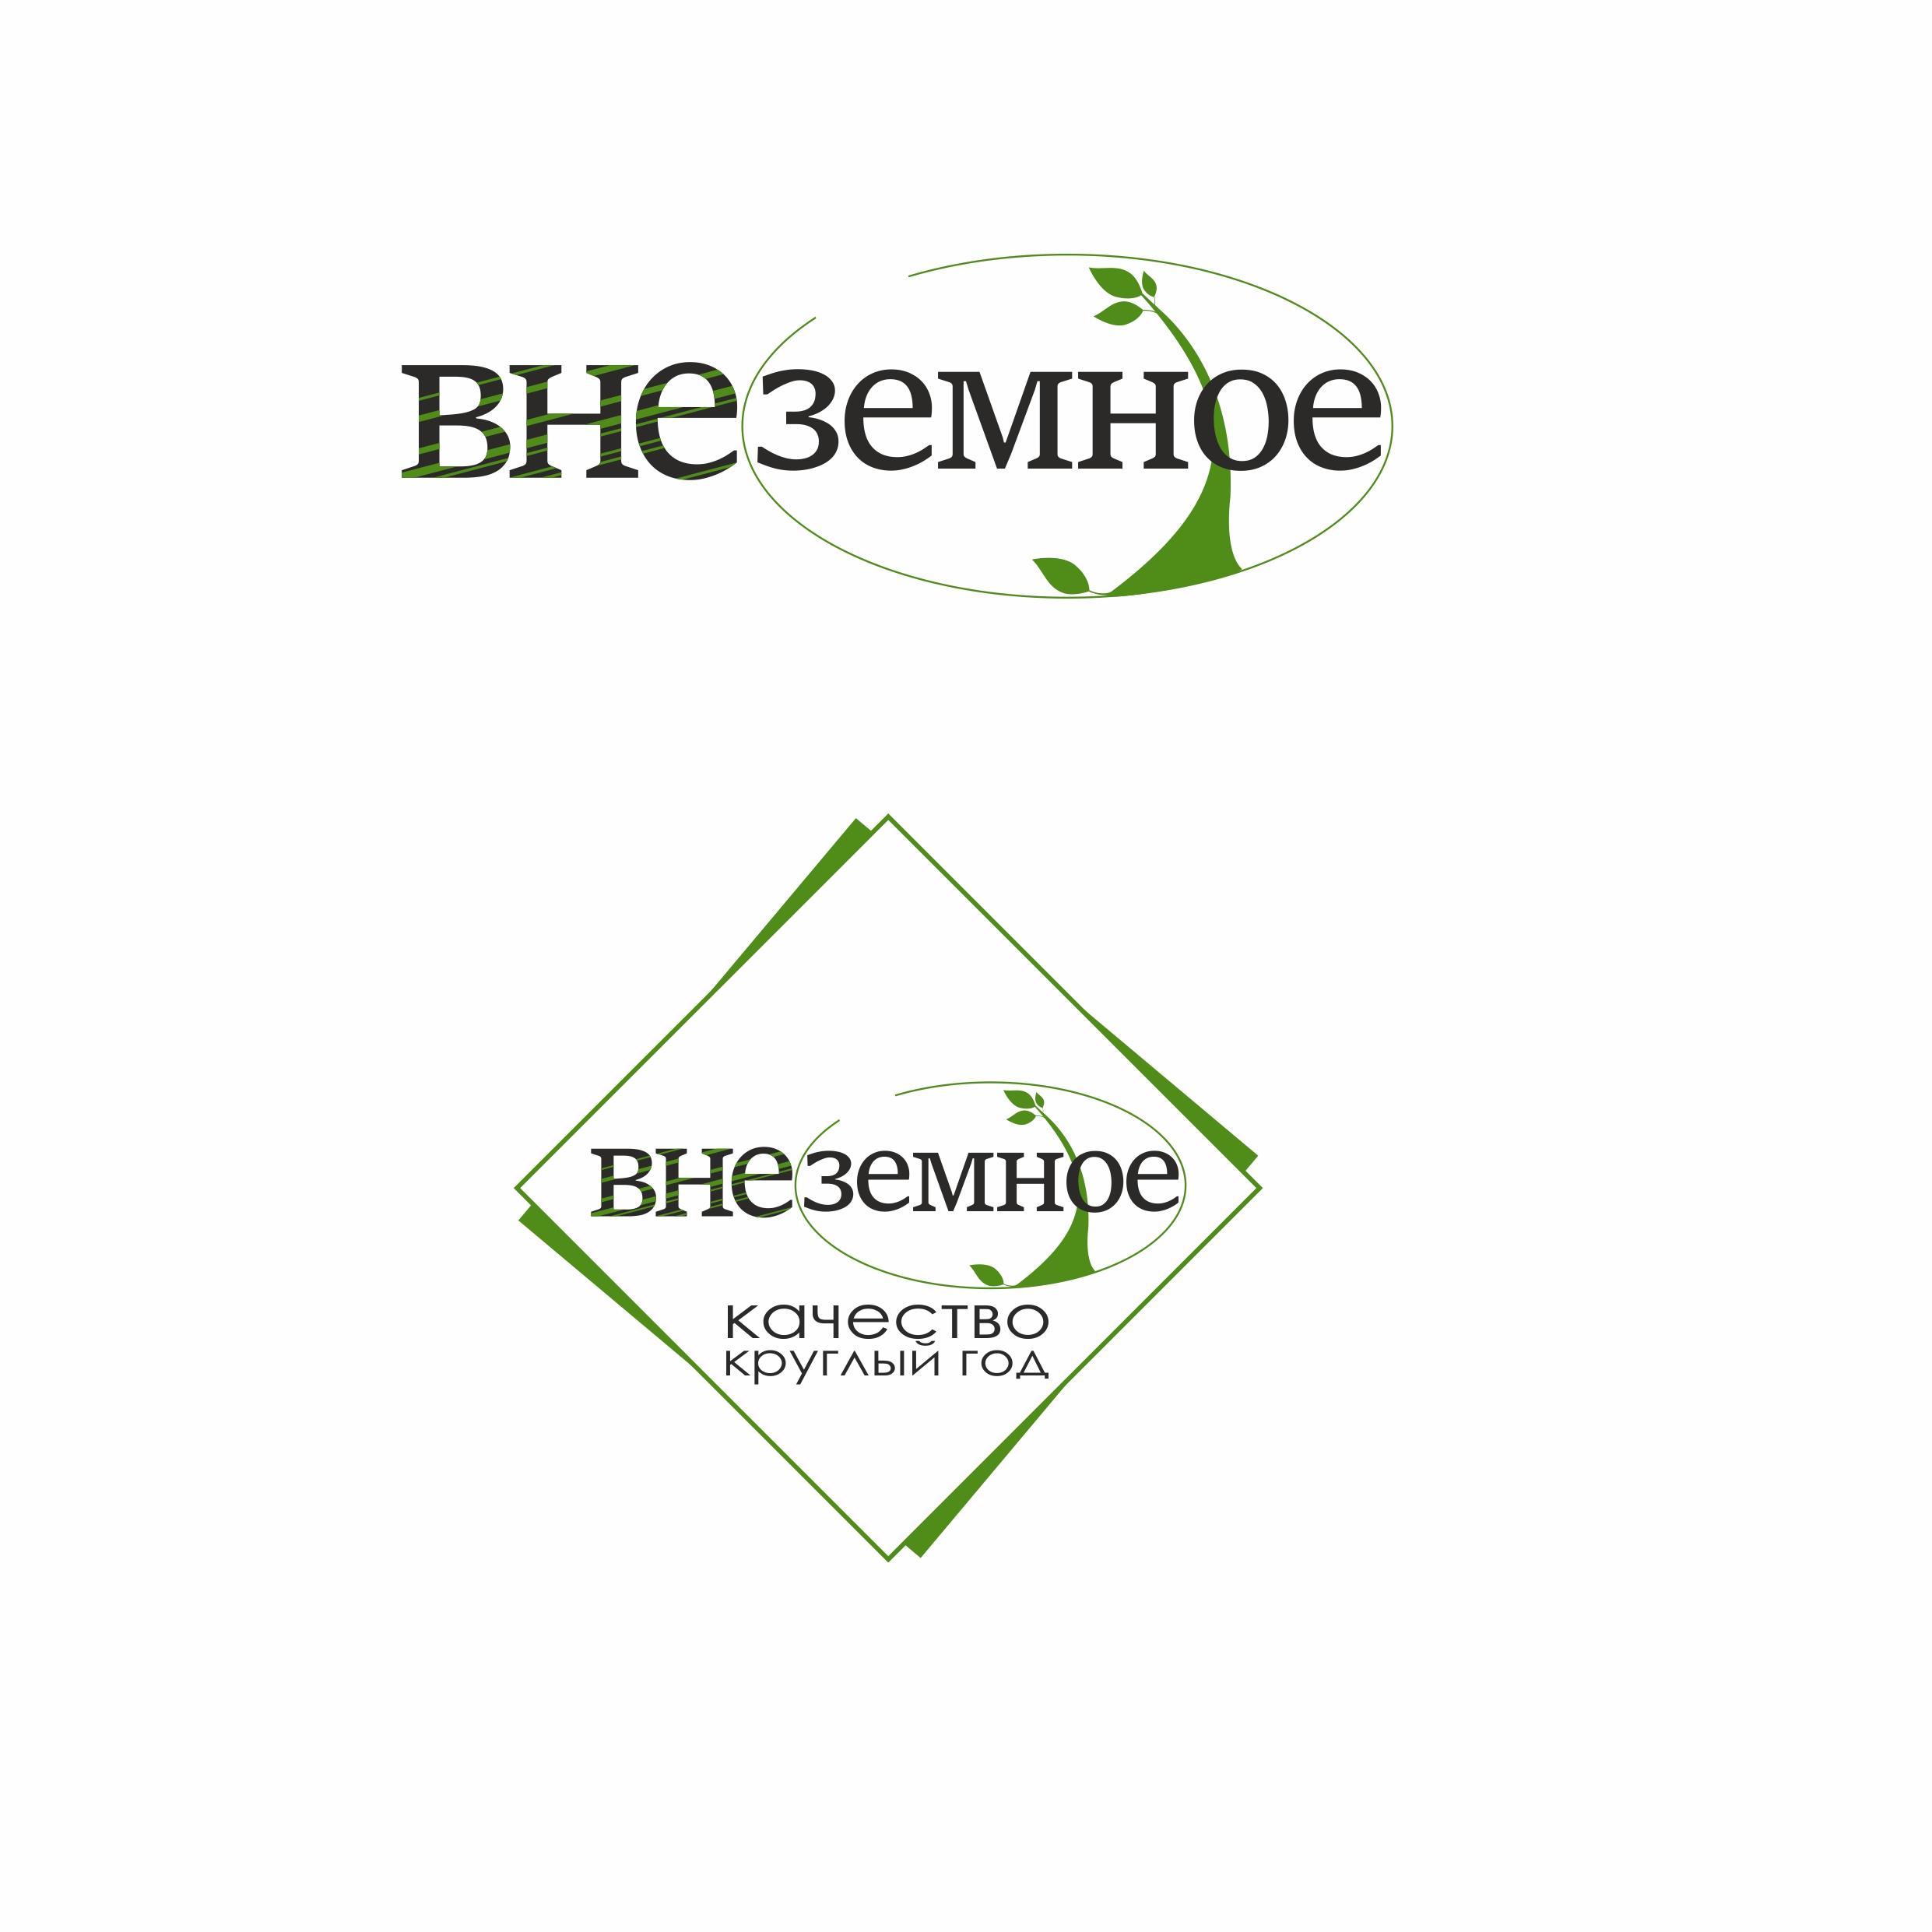 """Логотип и фирменный стиль """"Внеземное"""" фото f_1285e78be47c5aa5.jpg"""